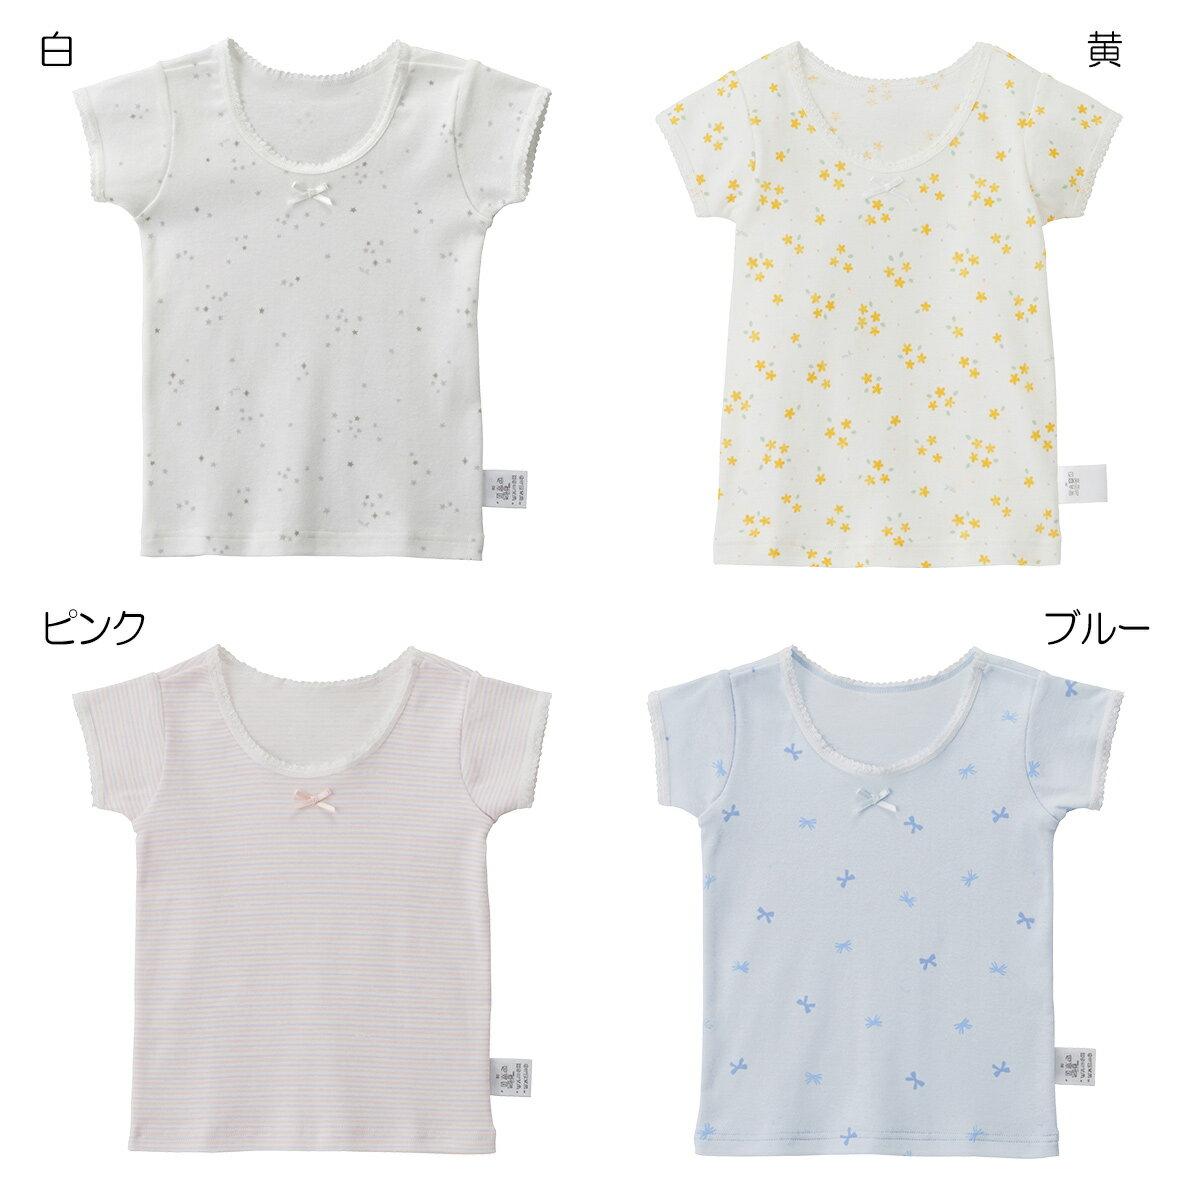 トップス, Tシャツ・カットソー  T(80cm-140cm mikihouse